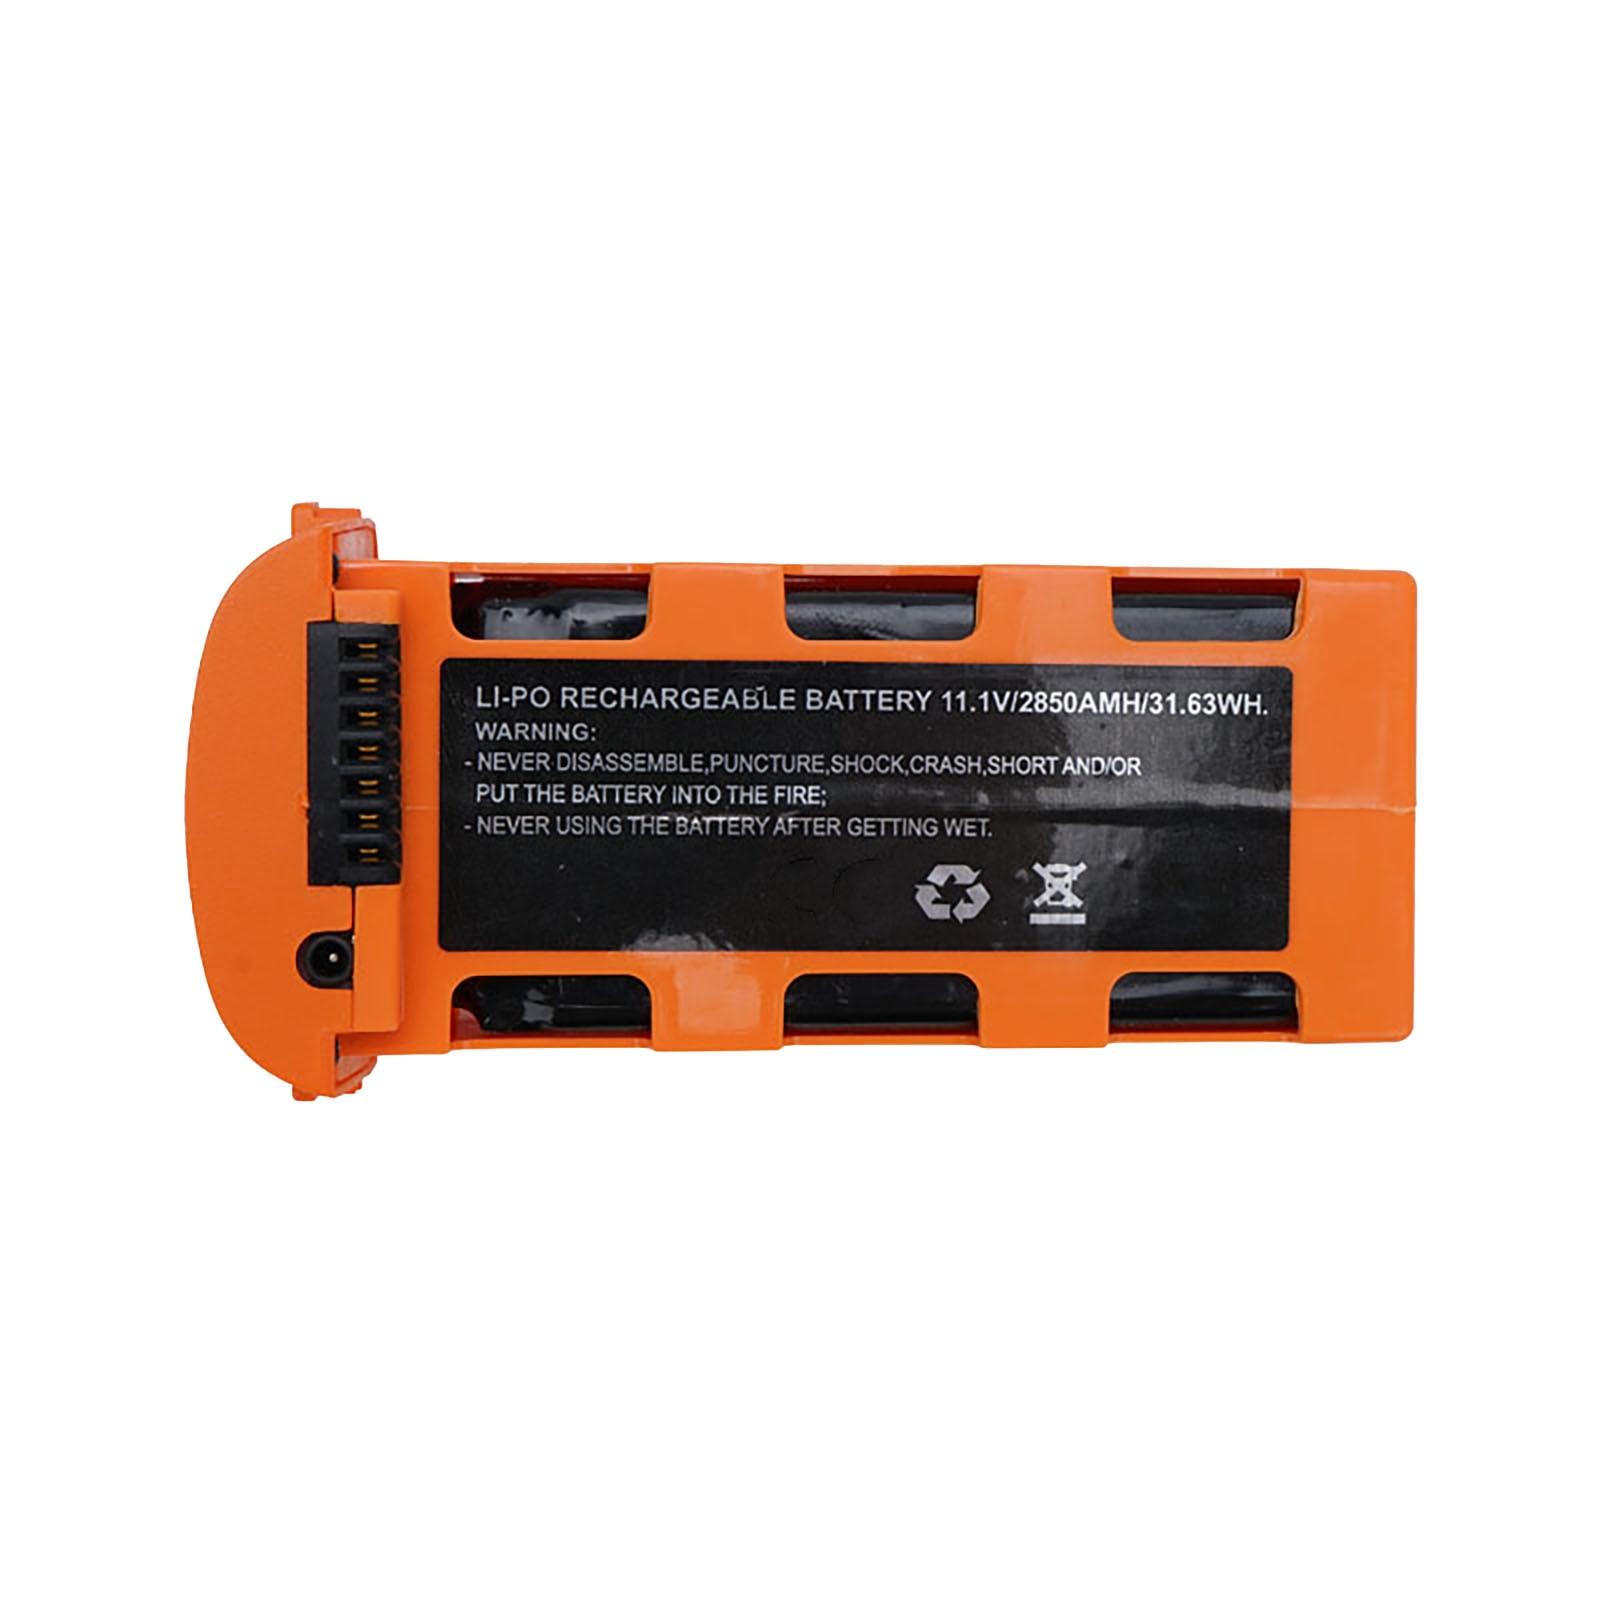 Jjrc x17 zangão bateria de alta capacidade li-po batteries11.1v 2850mah para jjrc x17 rc zangão quadcopter acessórios